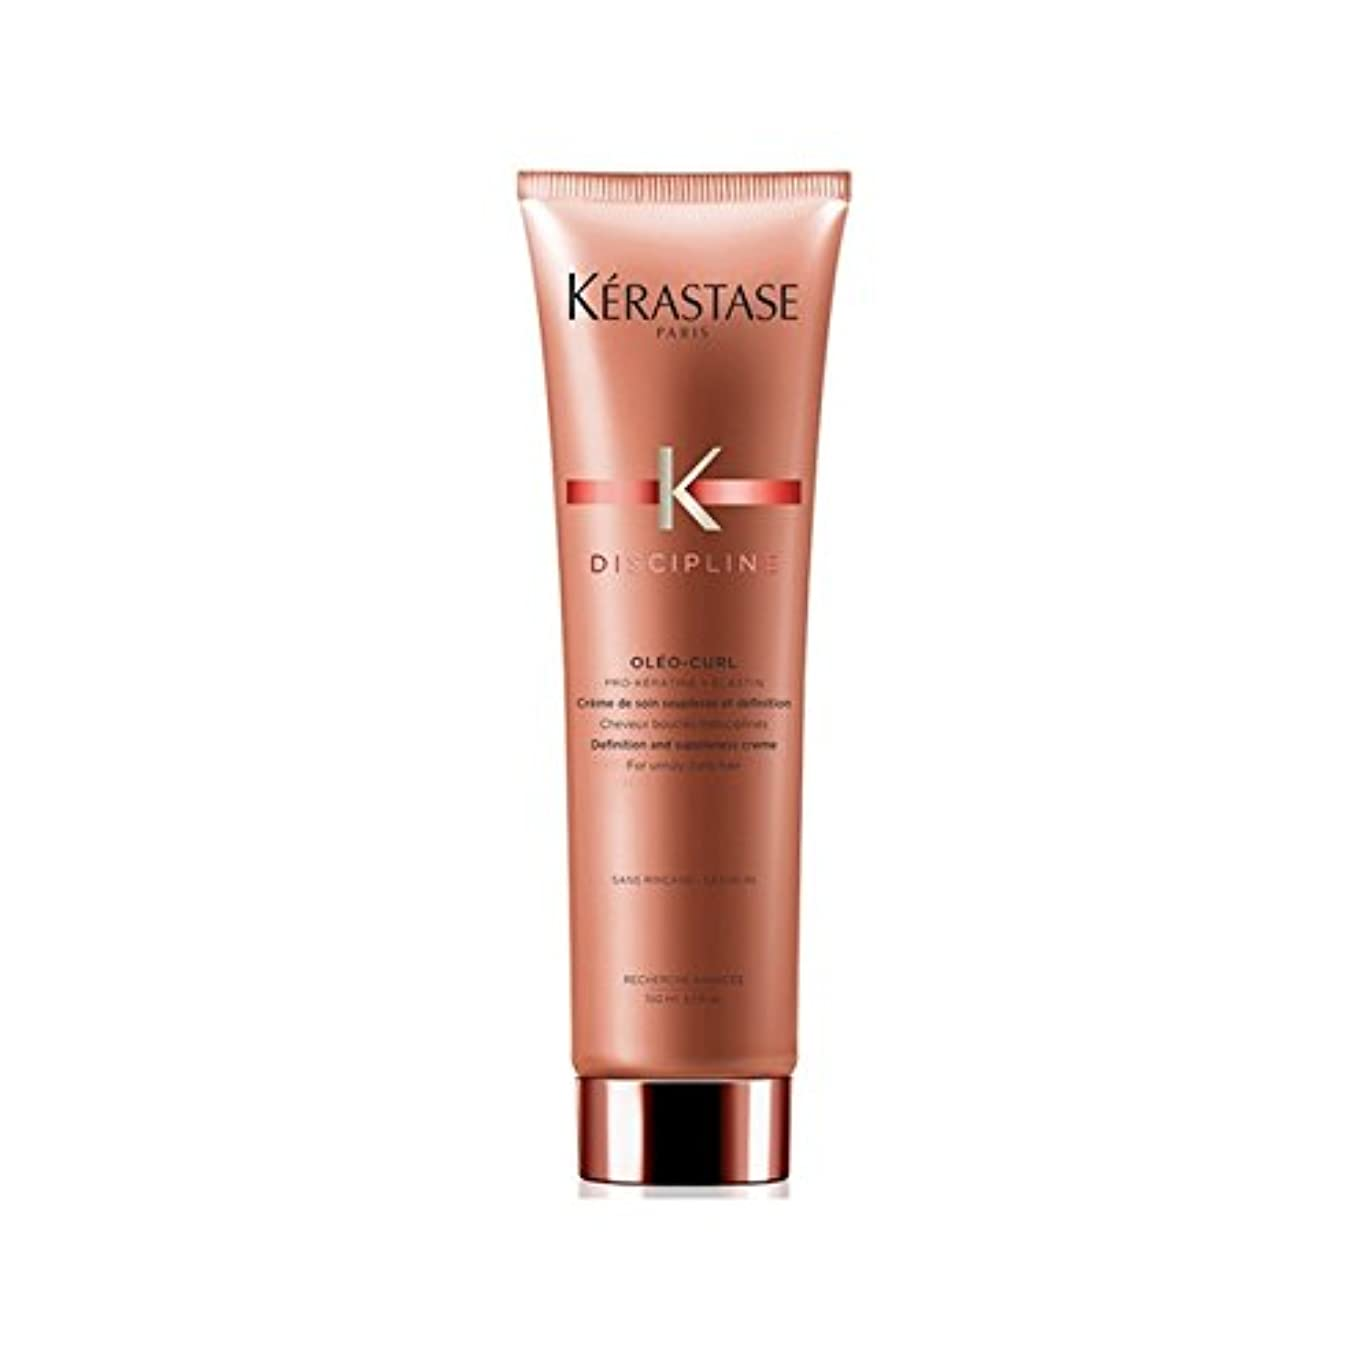 成功するパーティー責K?rastase Discipline Curl Ideal Cleansing Conditioner 400ml - 理想的なクレンジングコンディショナー400ミリリットルカールケラスターゼの規律 [並行輸入品]